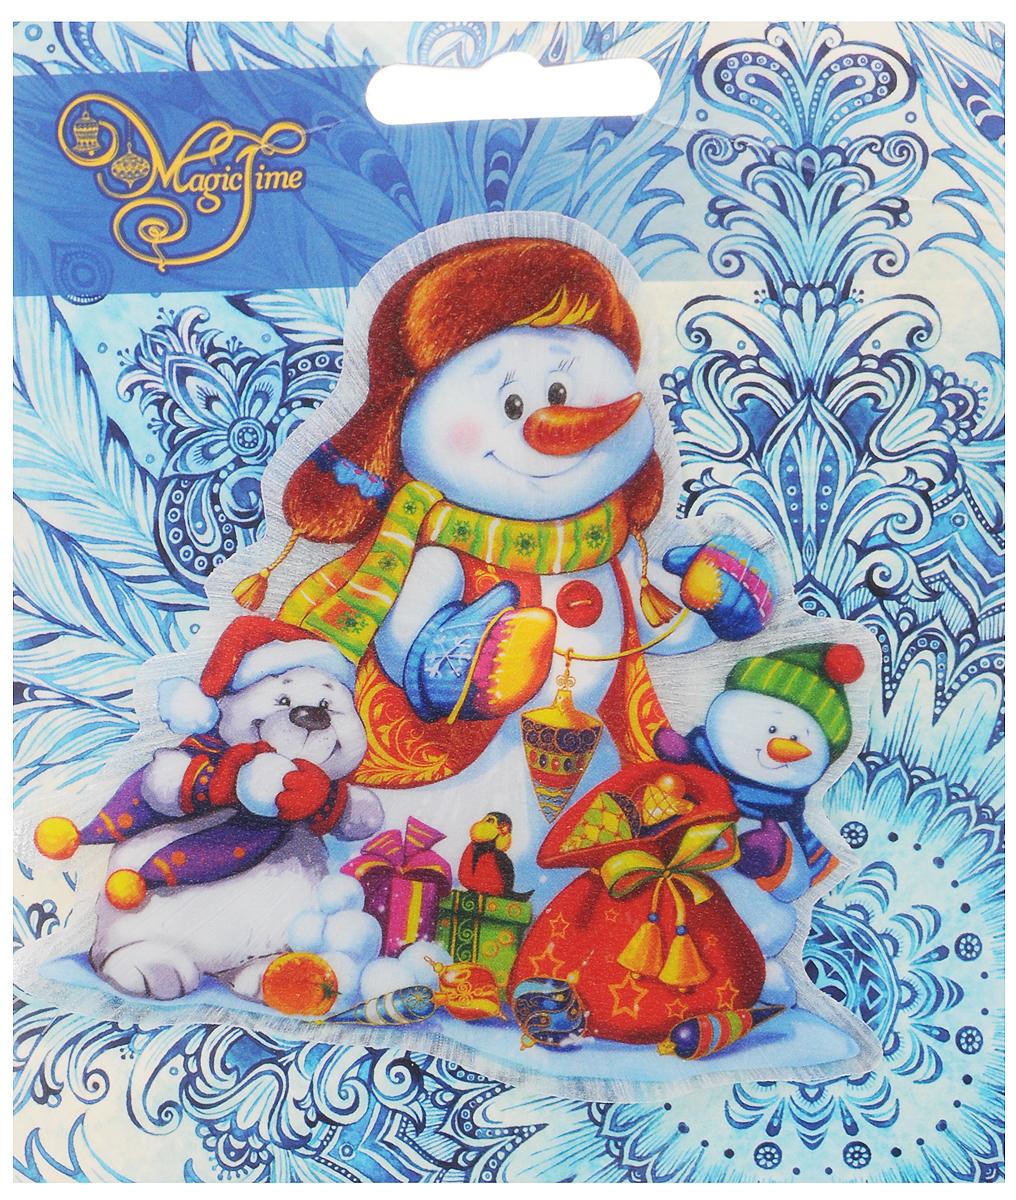 Украшение новогоднее Magic Time Снеговики, со светодиодной подсветкой, на присоске, 10,5 x 10 x 3 см42195Новогоднее украшение Magic Time Снеговики выполнено из поливинилхлорида. Украшение представляет собой пластиковую картину с изображением снеговиков с подарками. С помощью присоски украшение можно прикрепить на любое понравившееся вам место. Изделие оснащено светодиодной подсветкой.В комплект входит элемент питания LR44 (мощность 0,06 Вт, напряжение 3 В) Новогоднее украшение Magic Time Снеговики несет в себе волшебство и красоту праздника. Создайте в своем доме атмосферу веселья и радости, с помощью игрушек, которые будут из года в год накапливать теплоту воспоминаний. Размер украшения: 10,5 х 10 х 3 см.